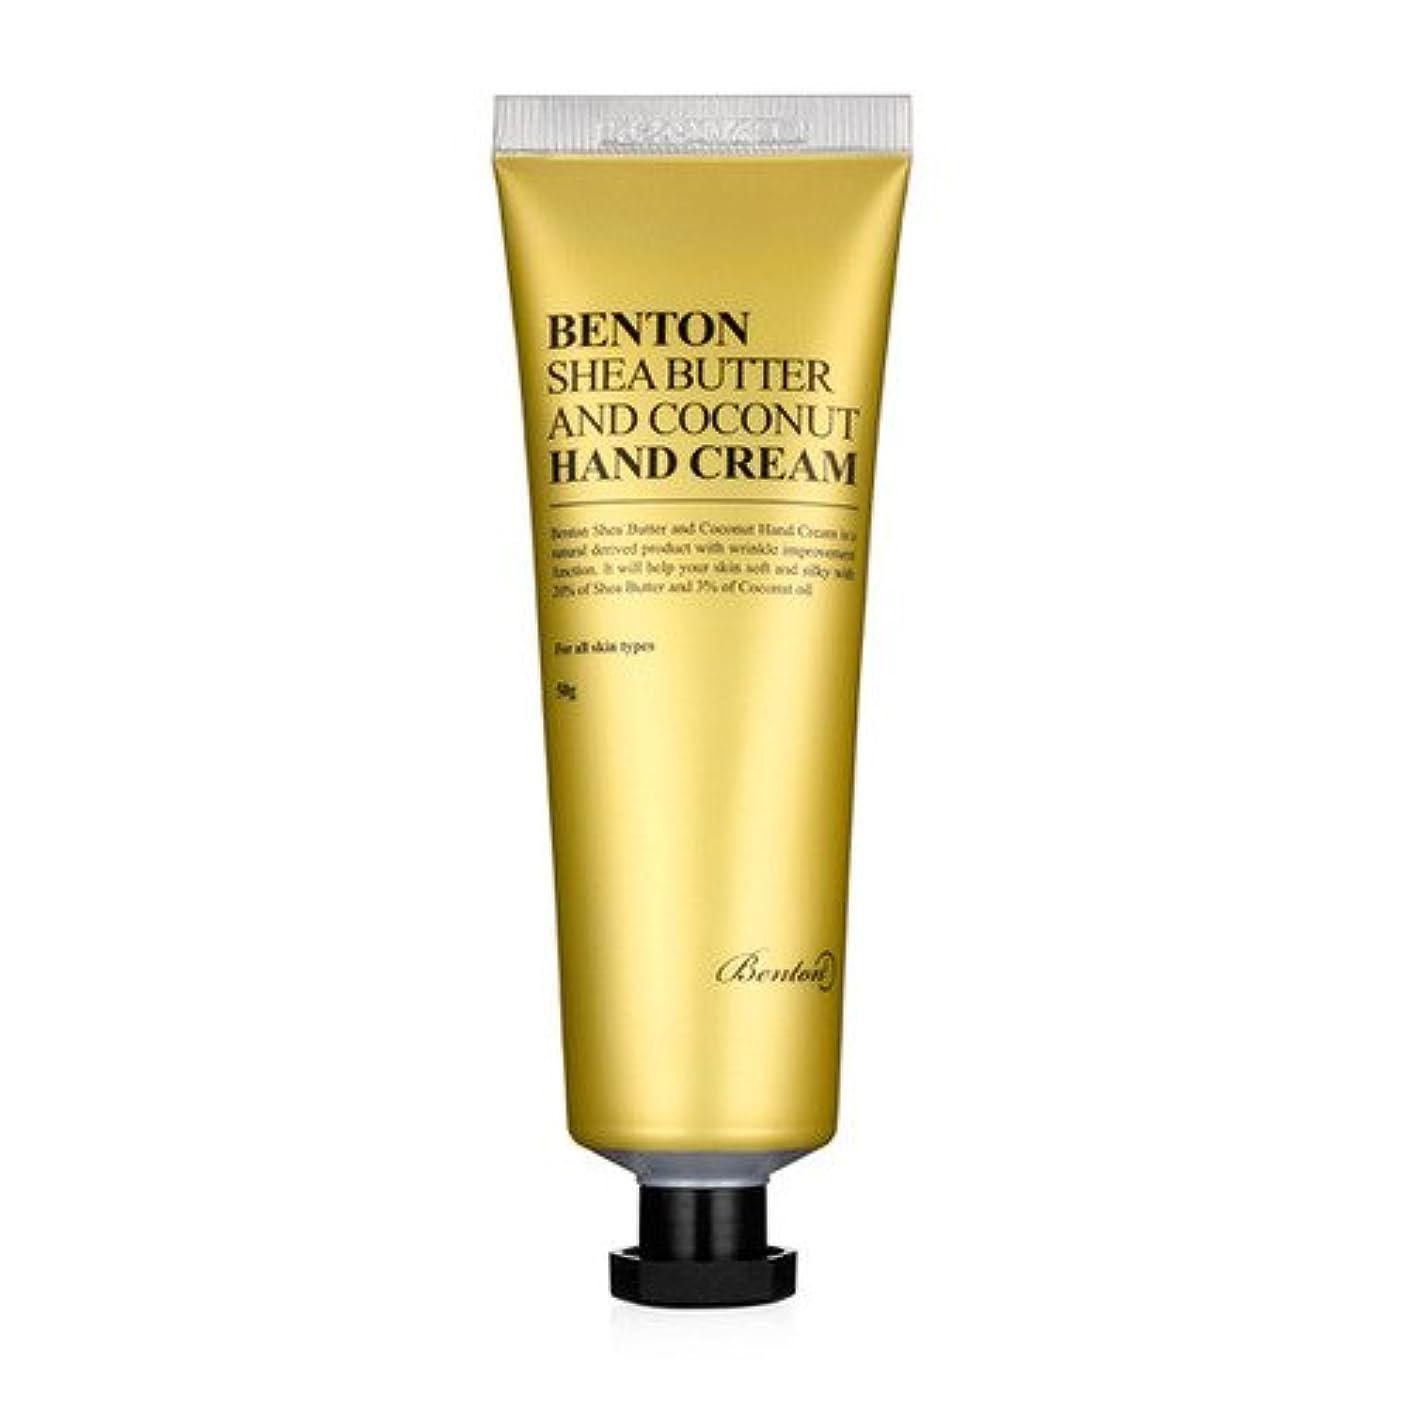 土イタリック起業家Benton Shea Butter And Coconut Hand Cream 50g/ベントン シアバター アンド ココナッツ ハンドクリーム 50g [並行輸入品]